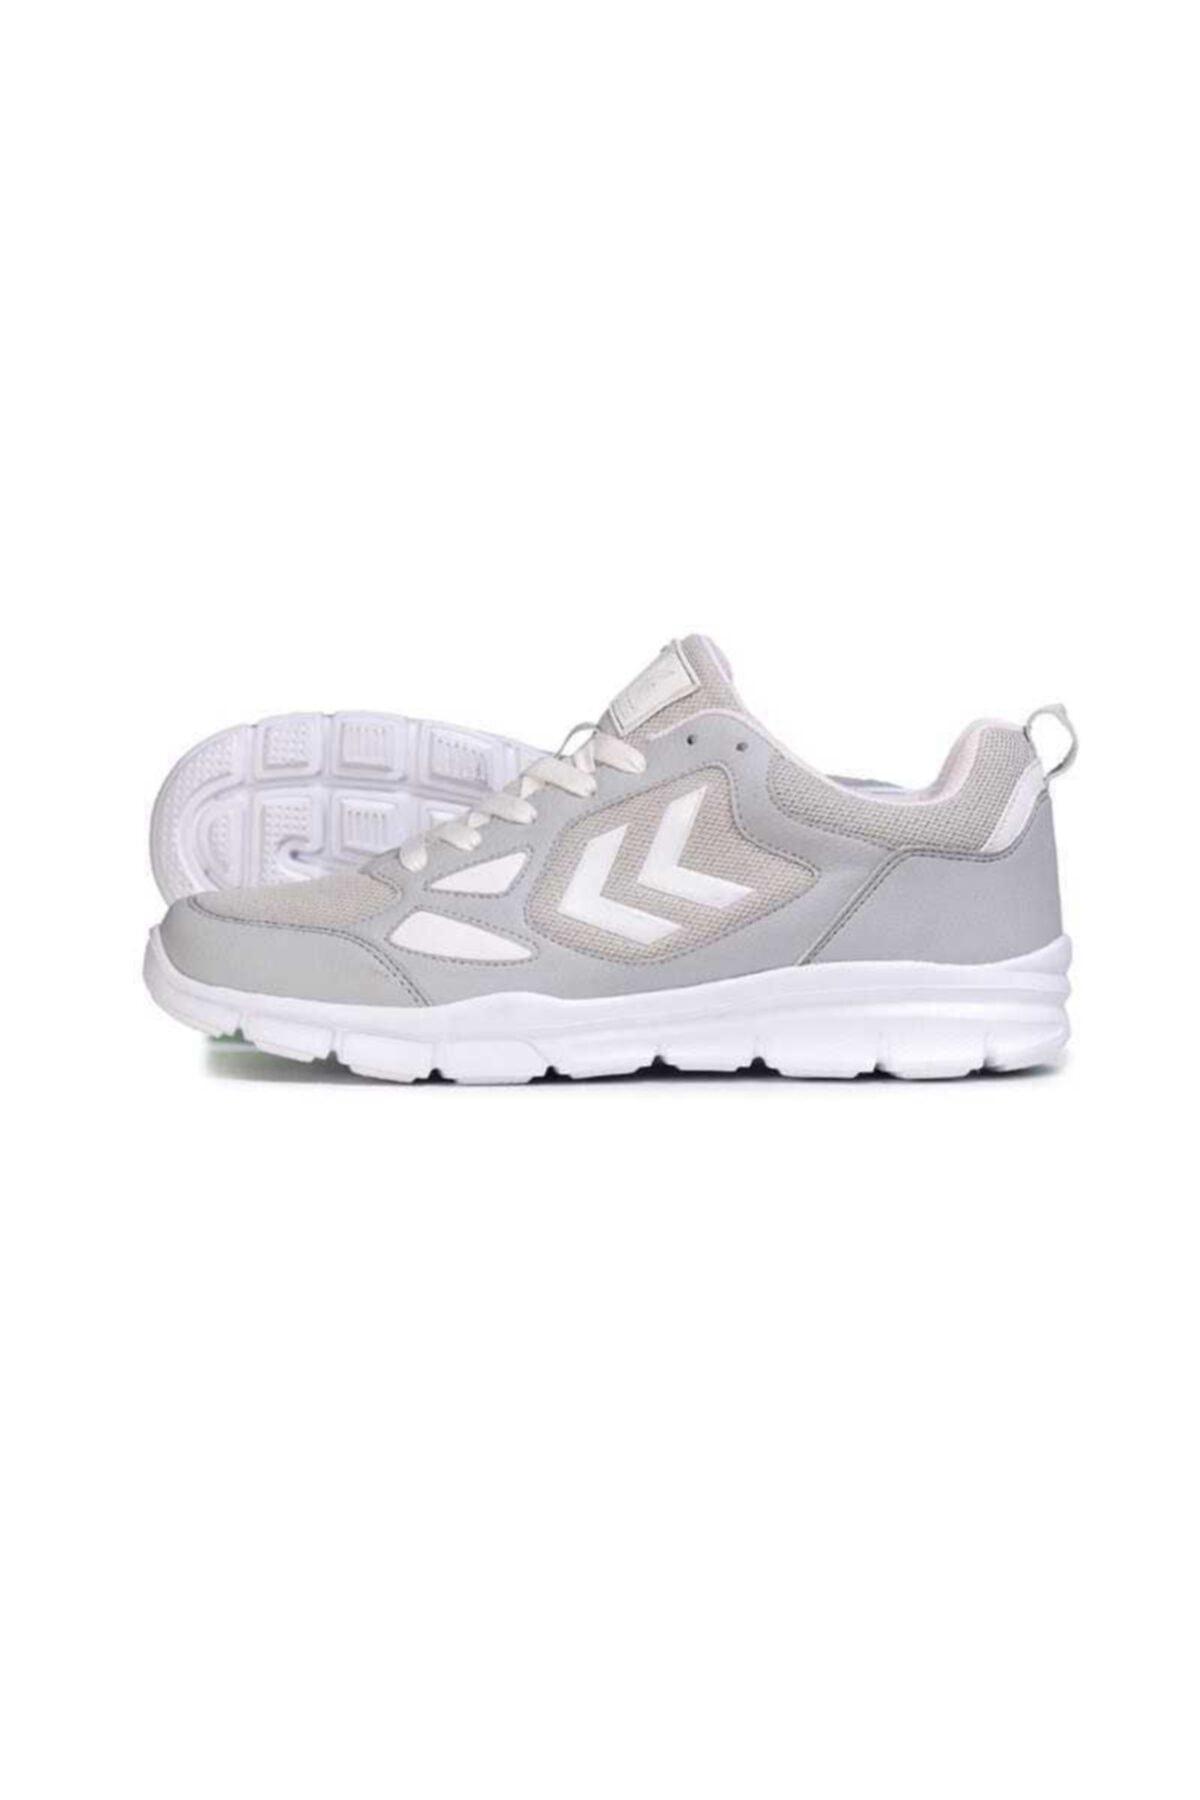 HUMMEL Hmlcrosslıte Iı Sneaker 1